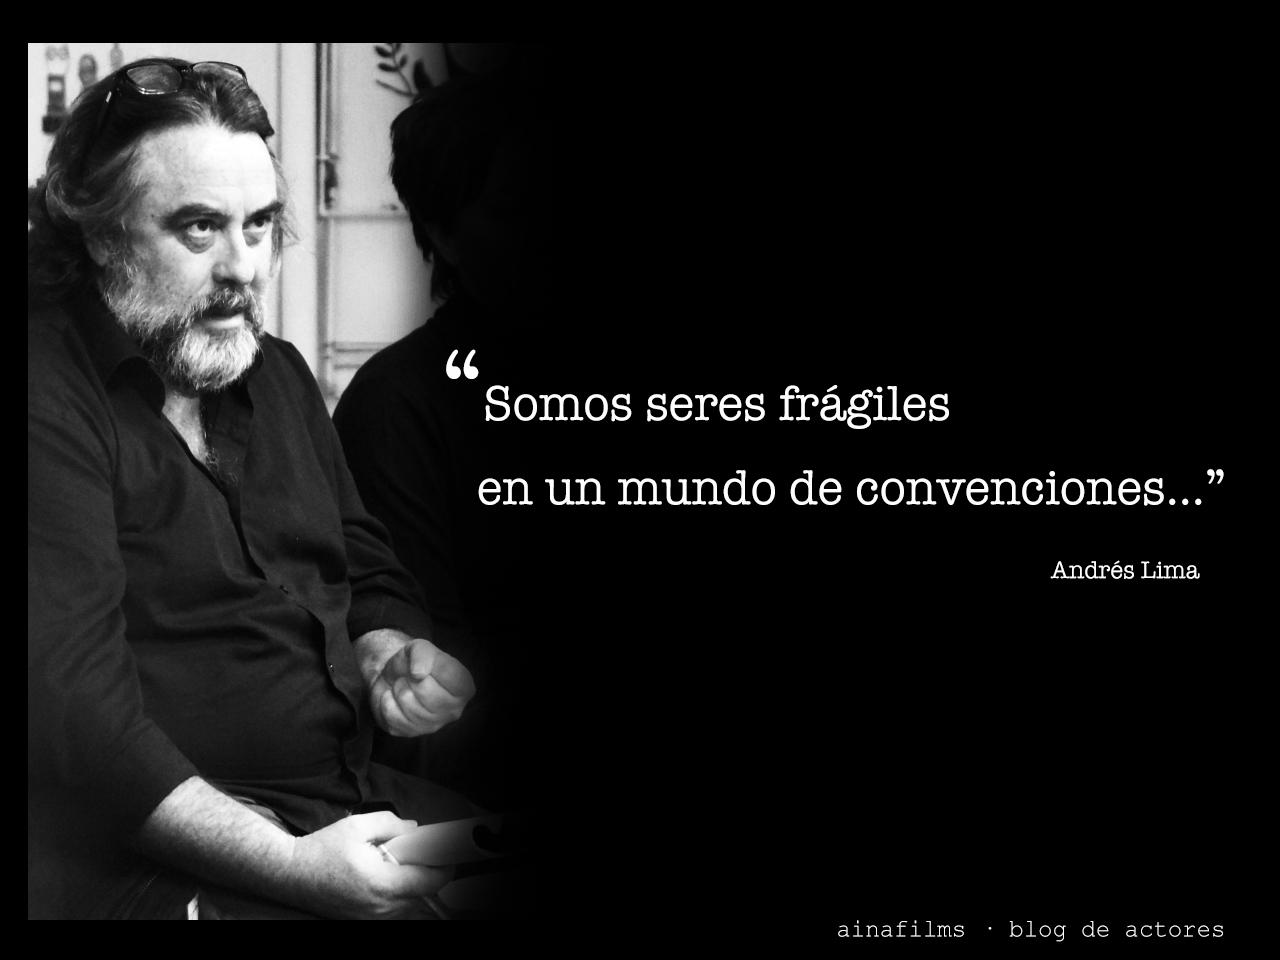 Andrés Lima, cualidad: dirigir actores